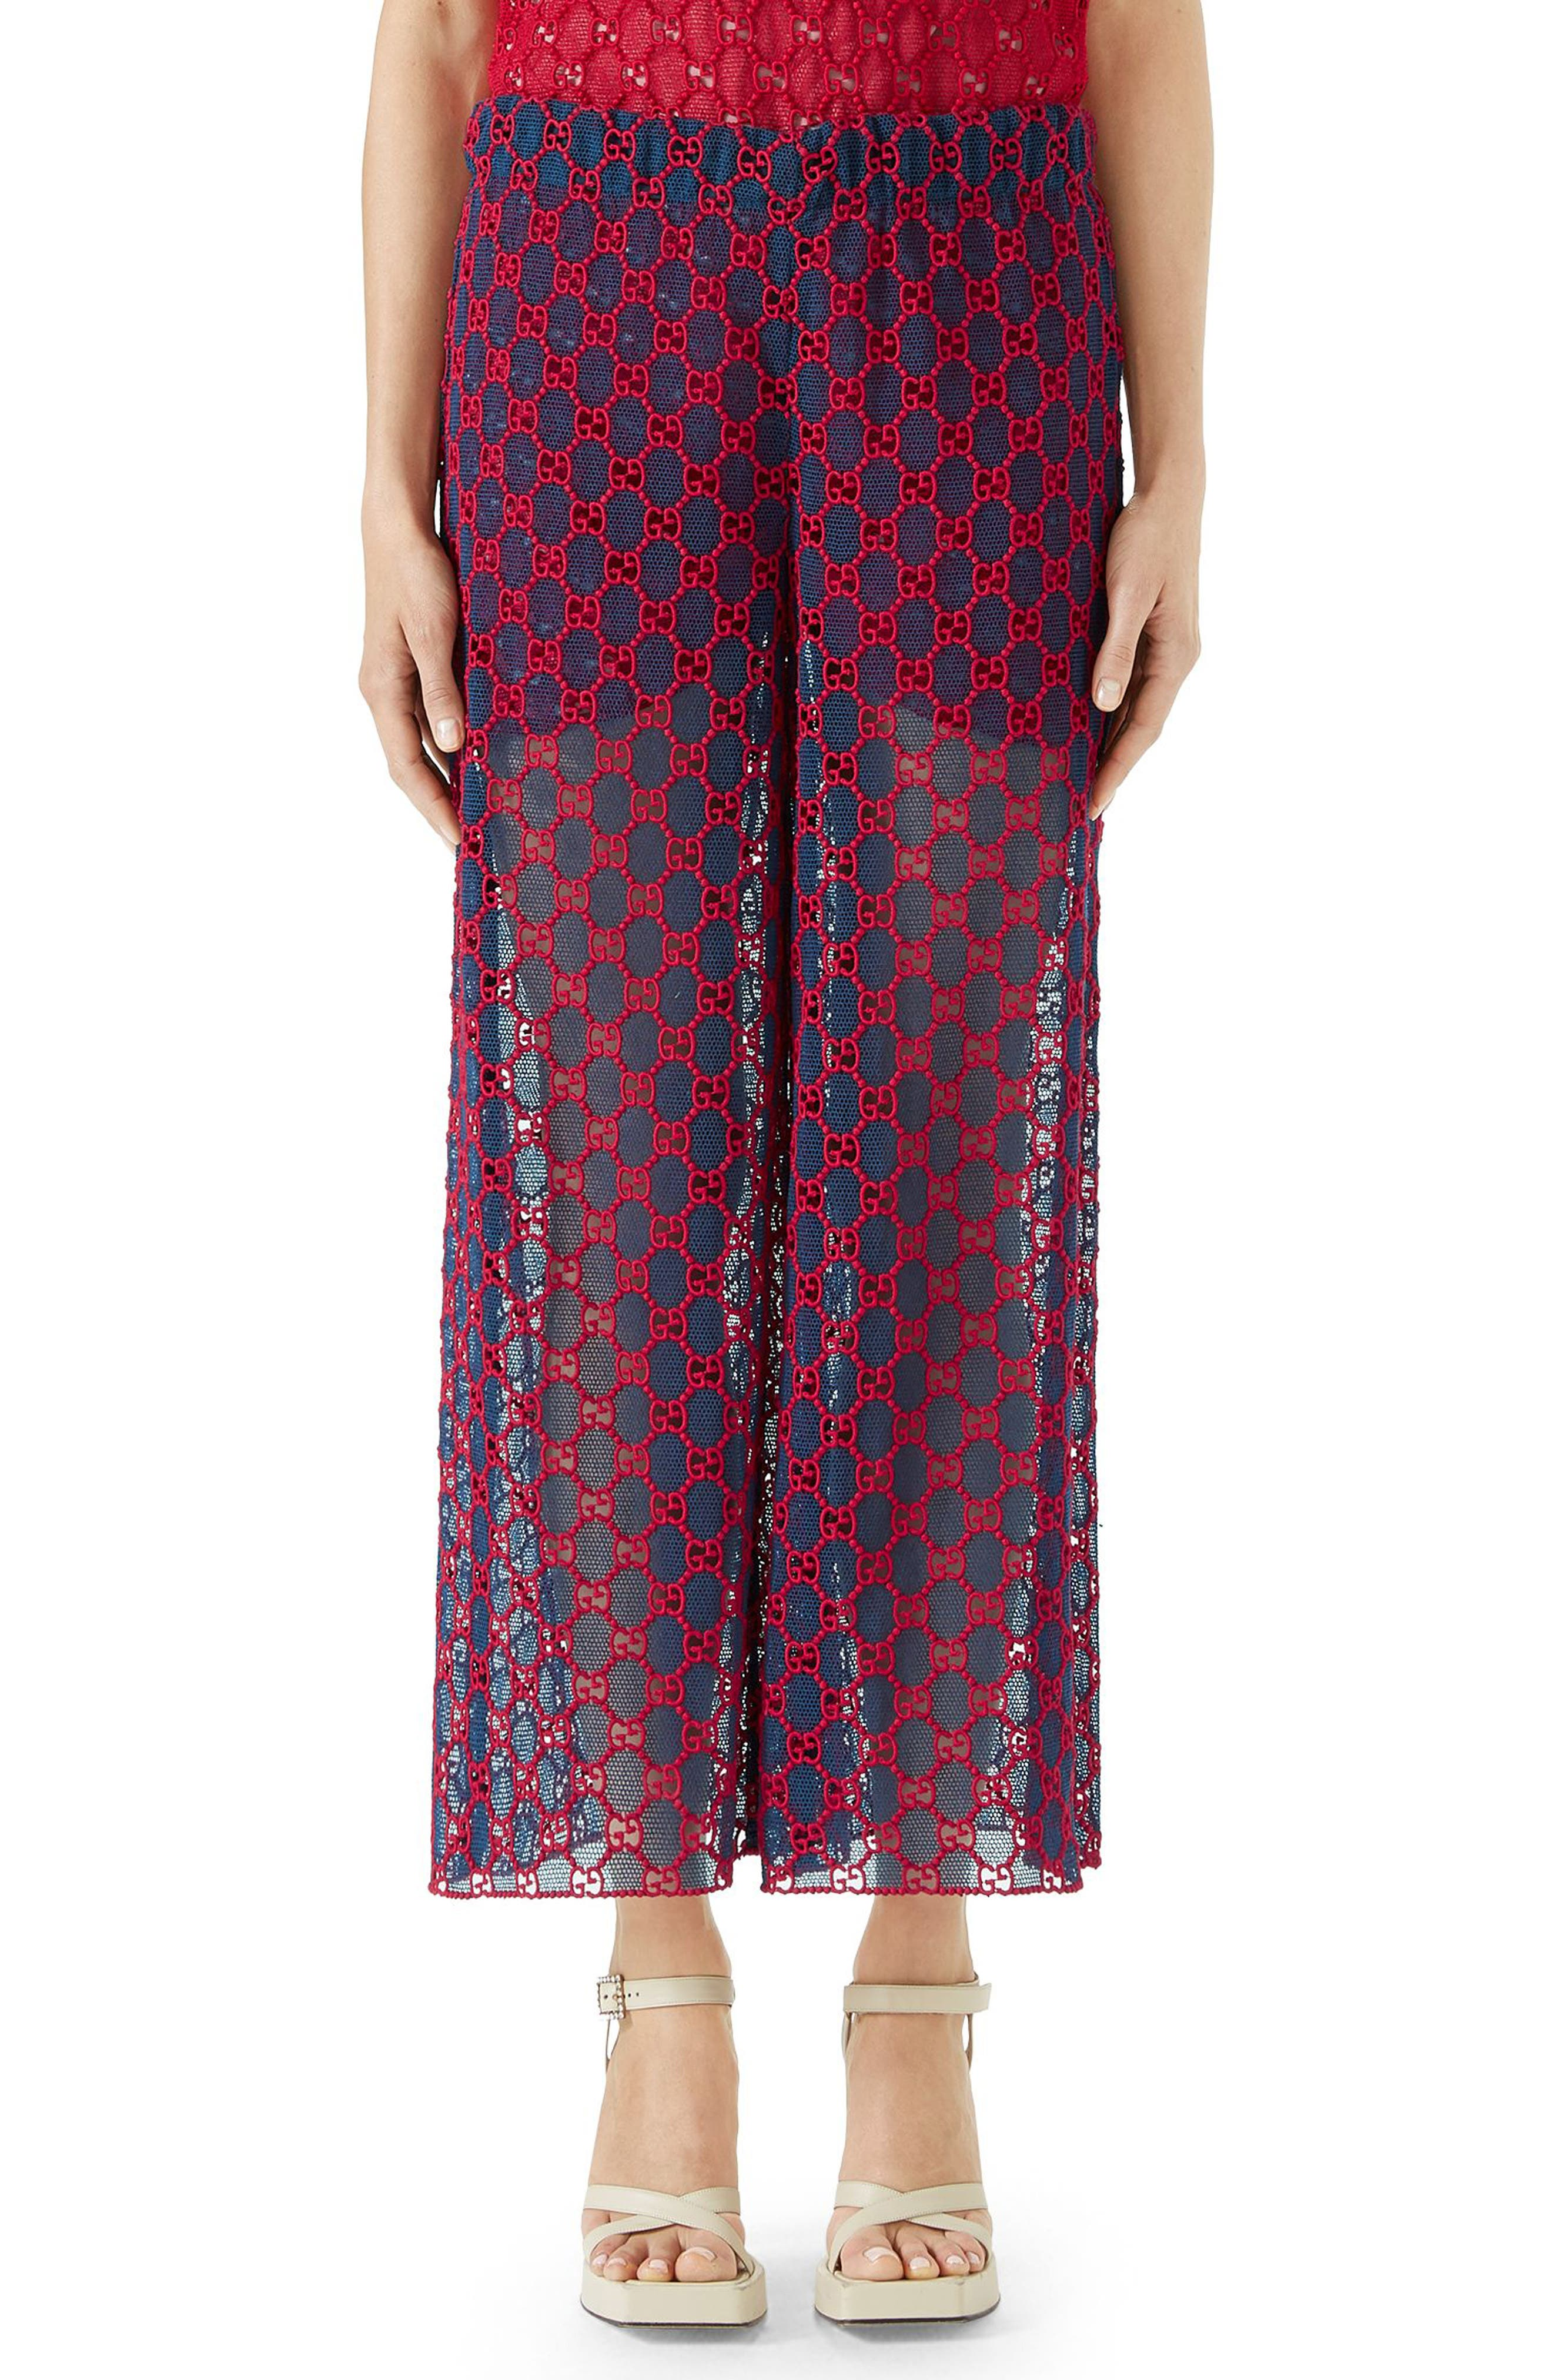 GG Macramé Wide Leg Pants,                         Main,                         color, ROYAL BLUETTE/ HEATHER RED